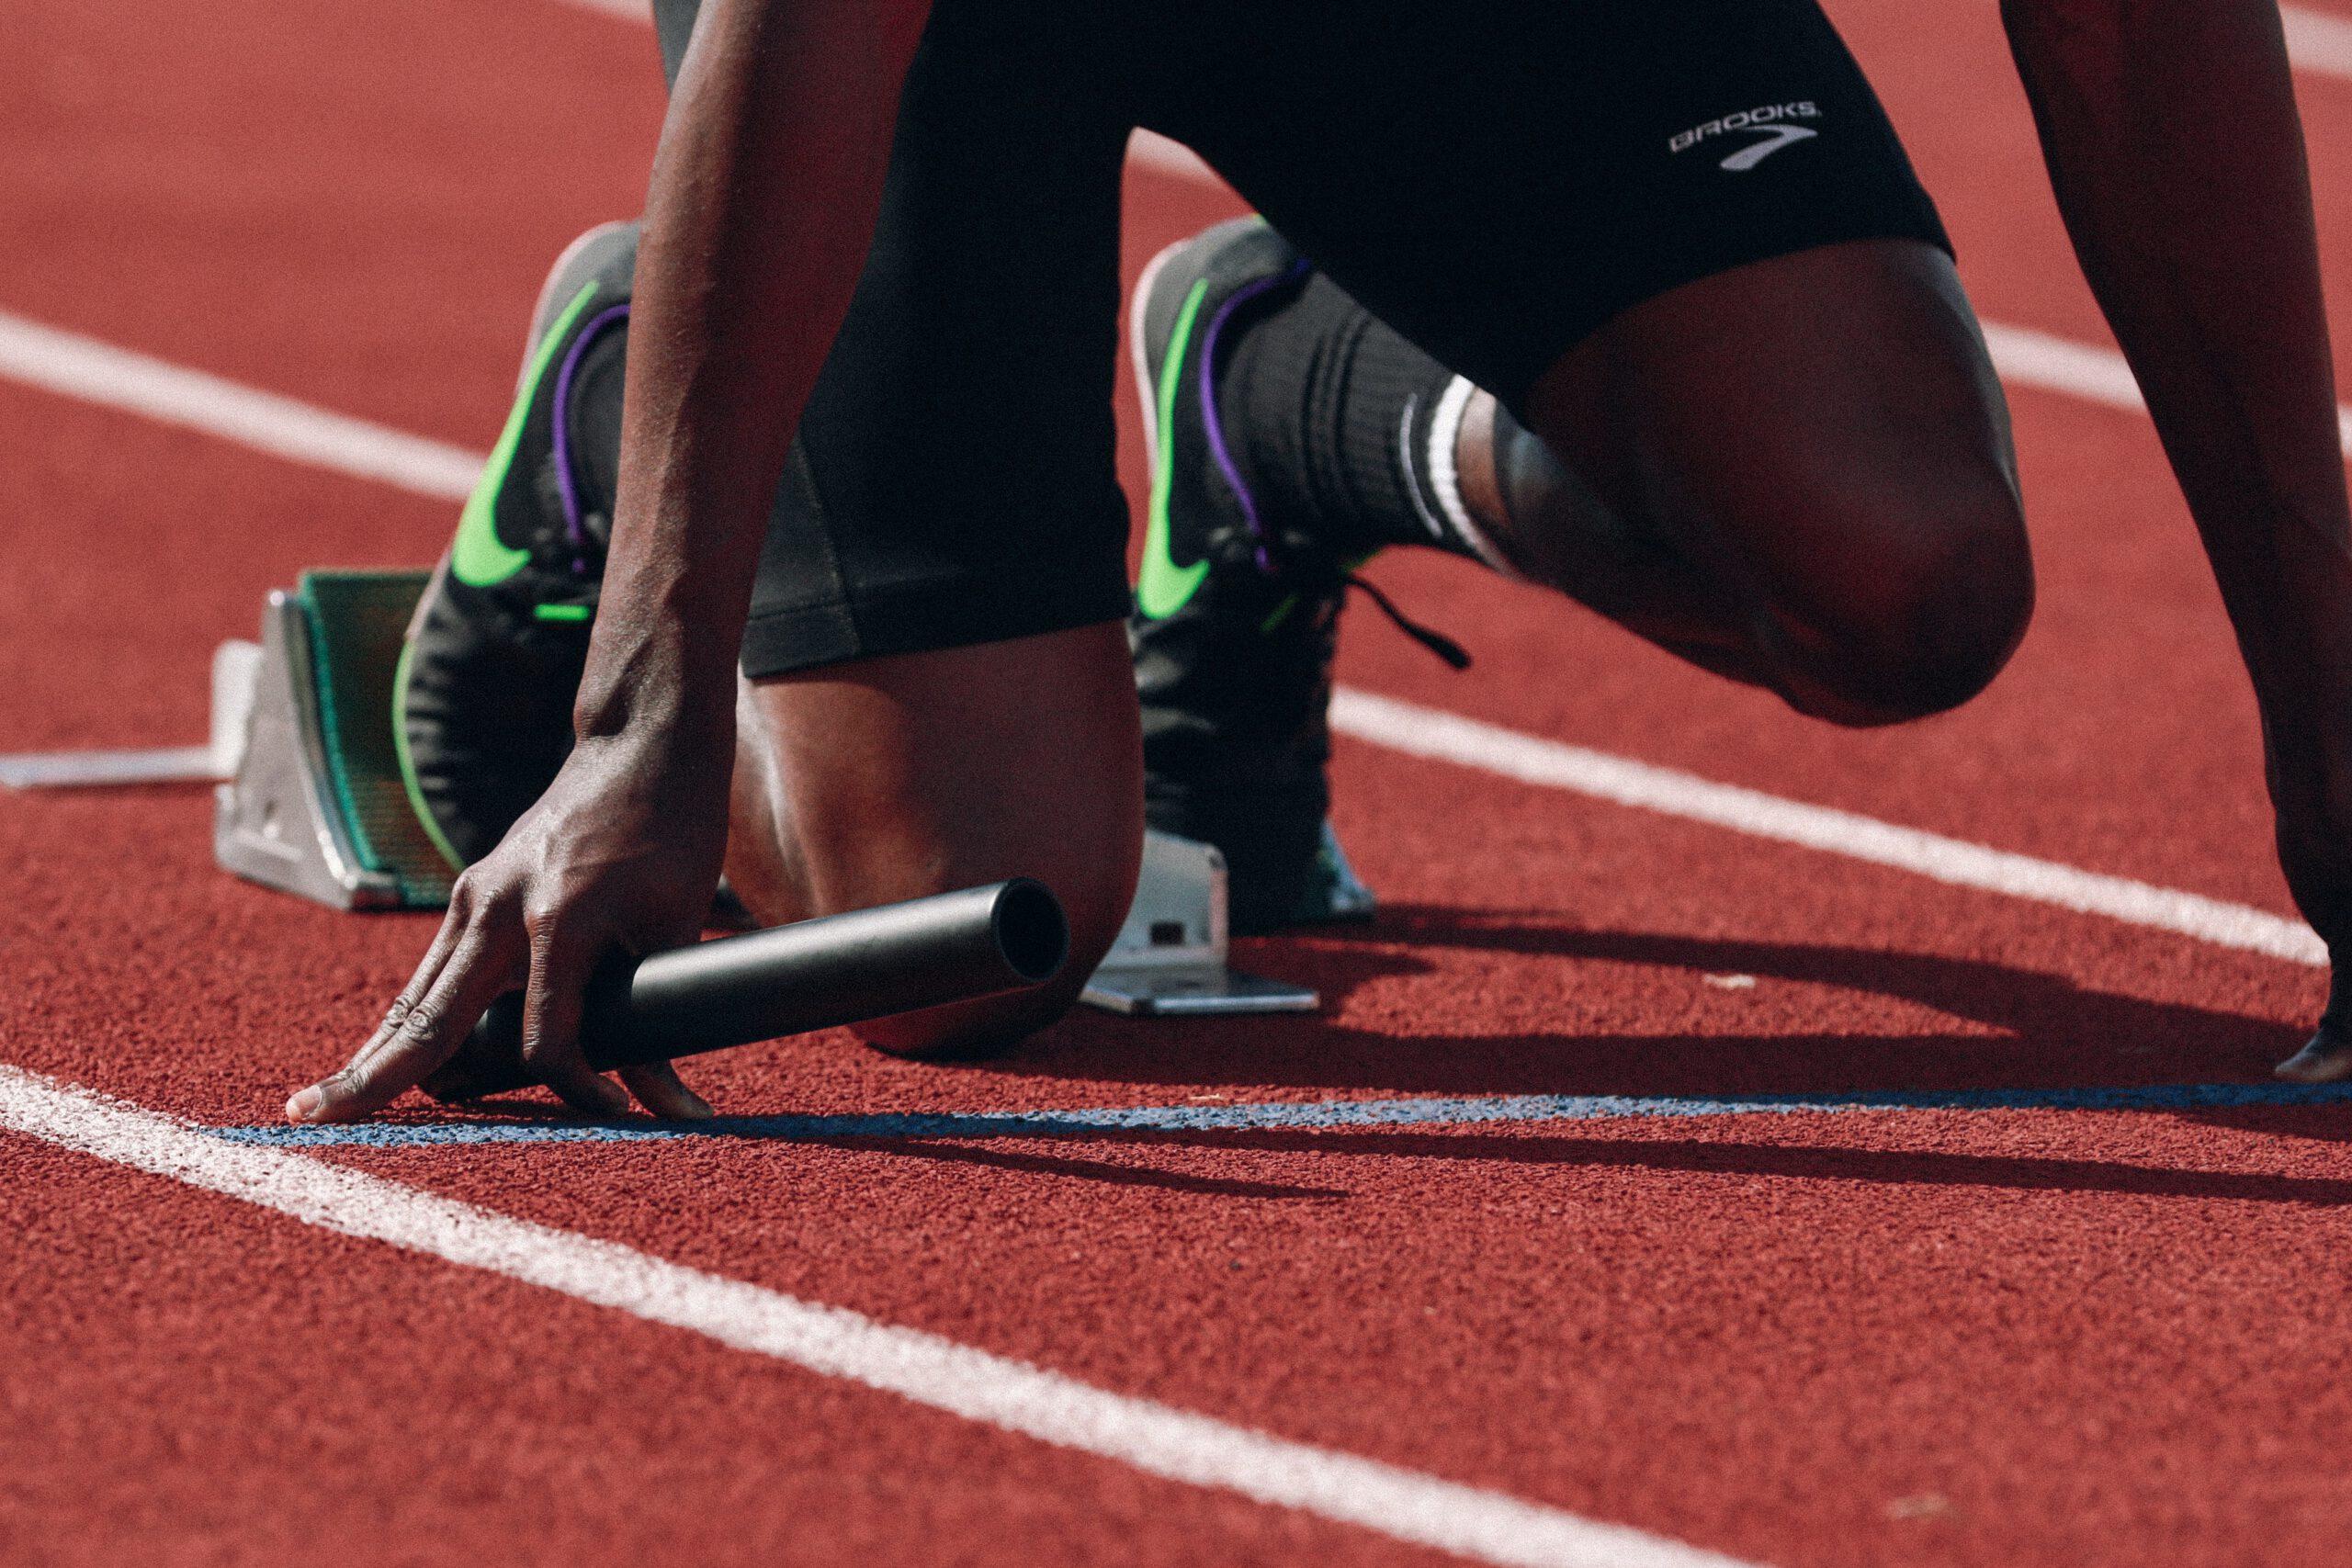 ejercicio físico a cualquier actividad física que mejora y mantiene la aptitud física, la salud y el bienestar de la persona.